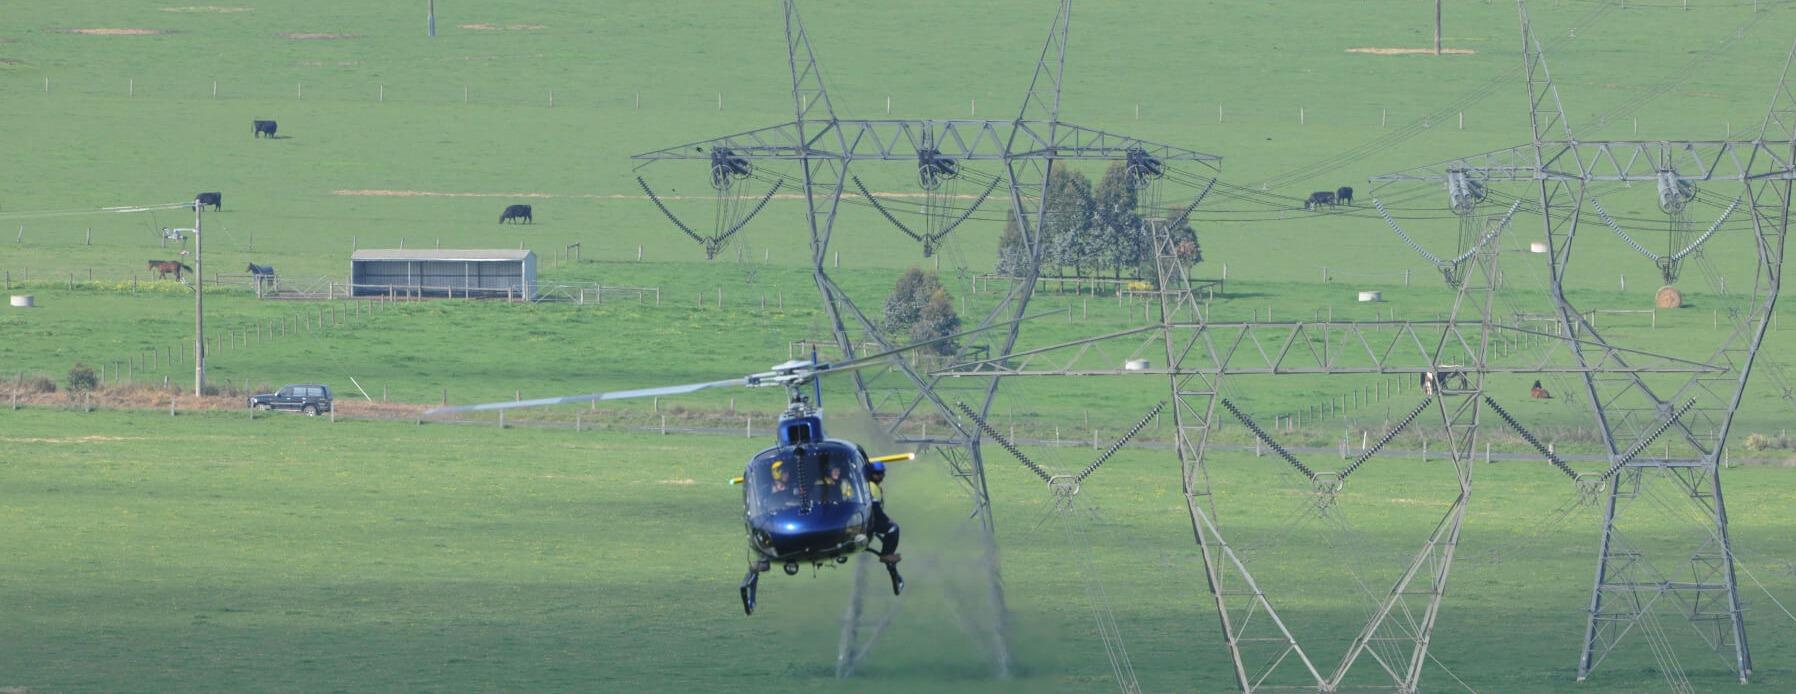 Helipoland patrolowanie/inspekcje linii energetycznych i rurociągów